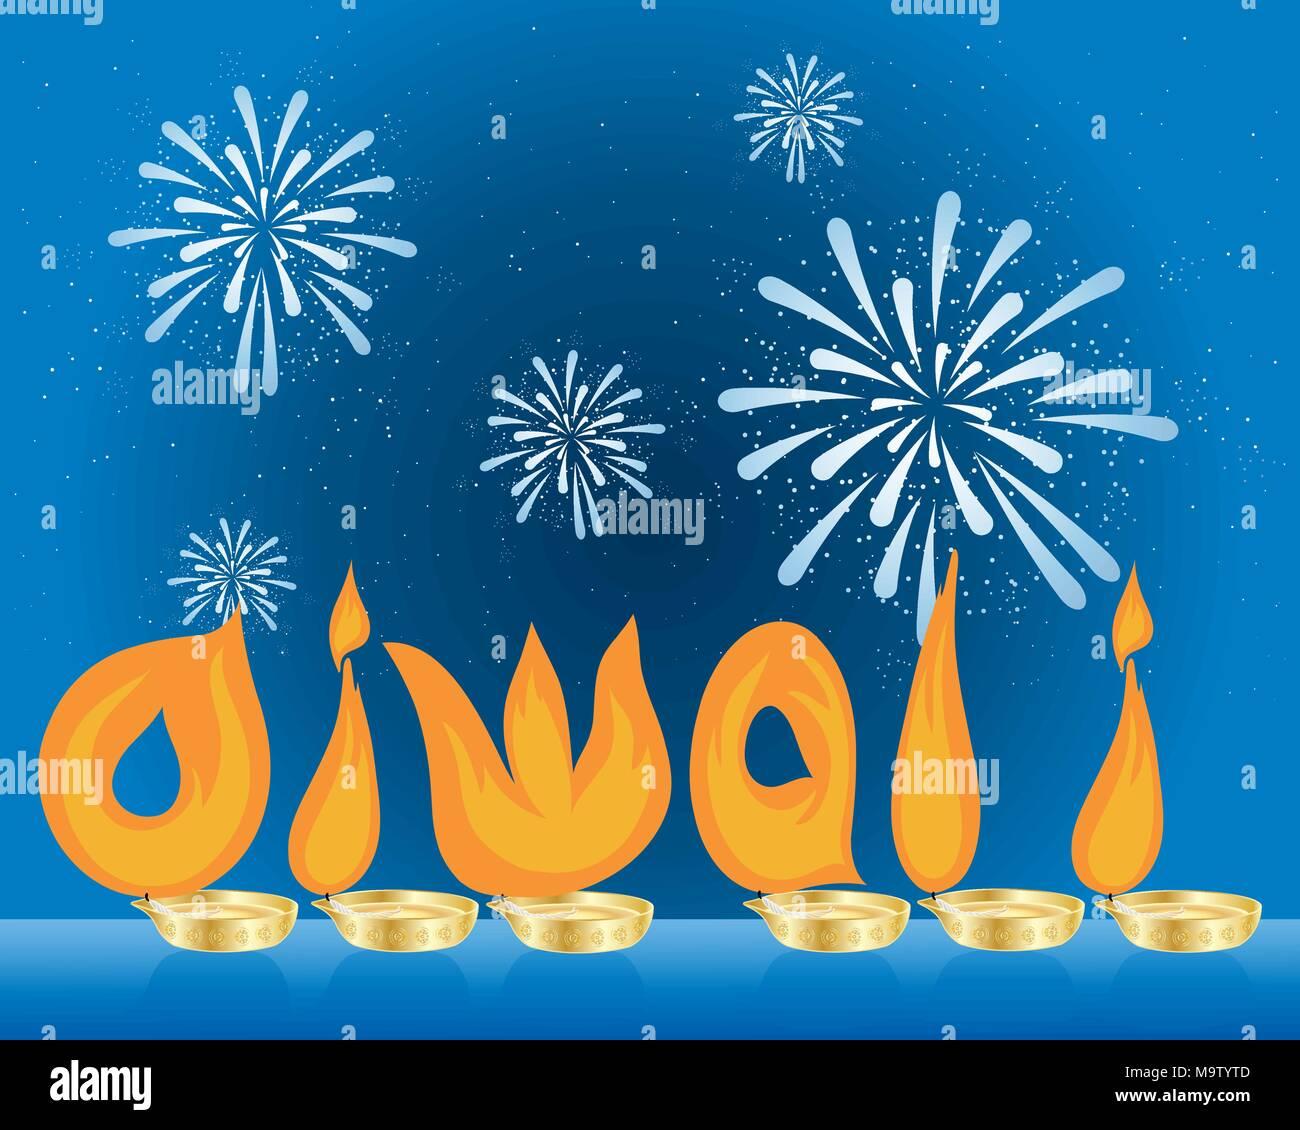 Una illustrazione vettoriale in formato eps formato 10 di fiamme arancione ortografia Diwali sotto un cielo scuro con fuochi d'artificio Immagini Stock